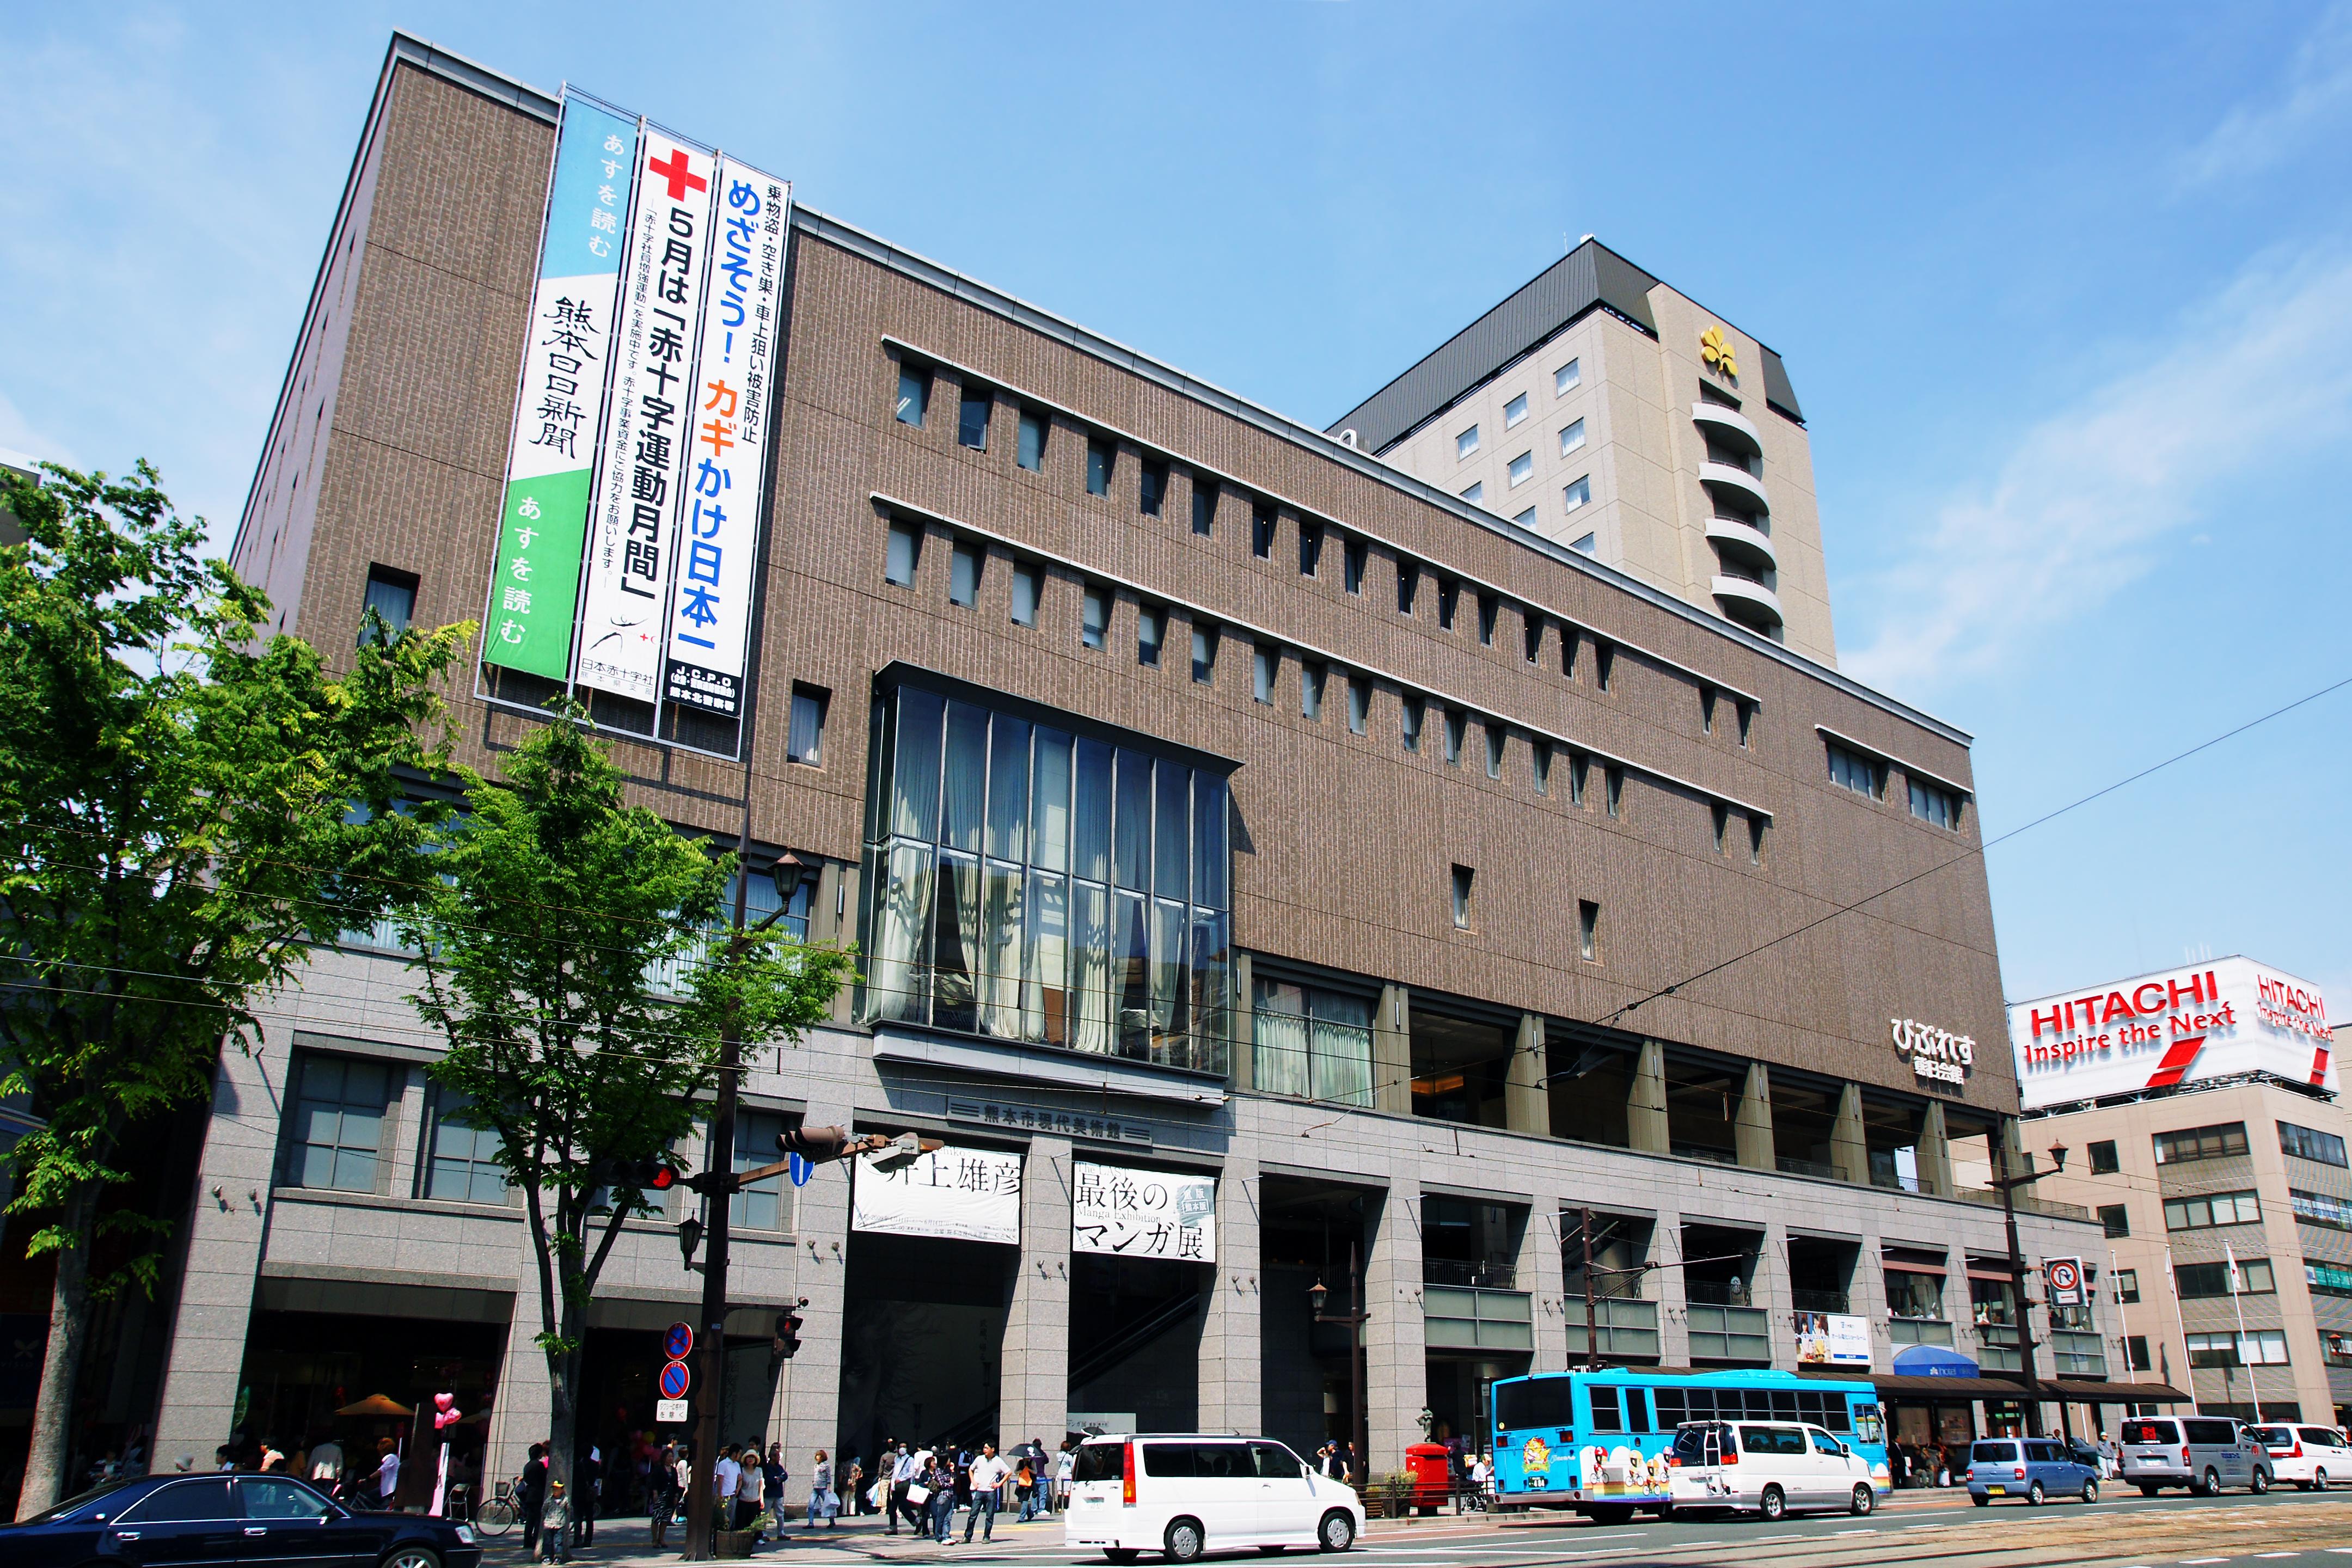 熊本ララバイ母子ヌード 熊本 熊本市現代美術館 CAMK Blog::荒木経惟展